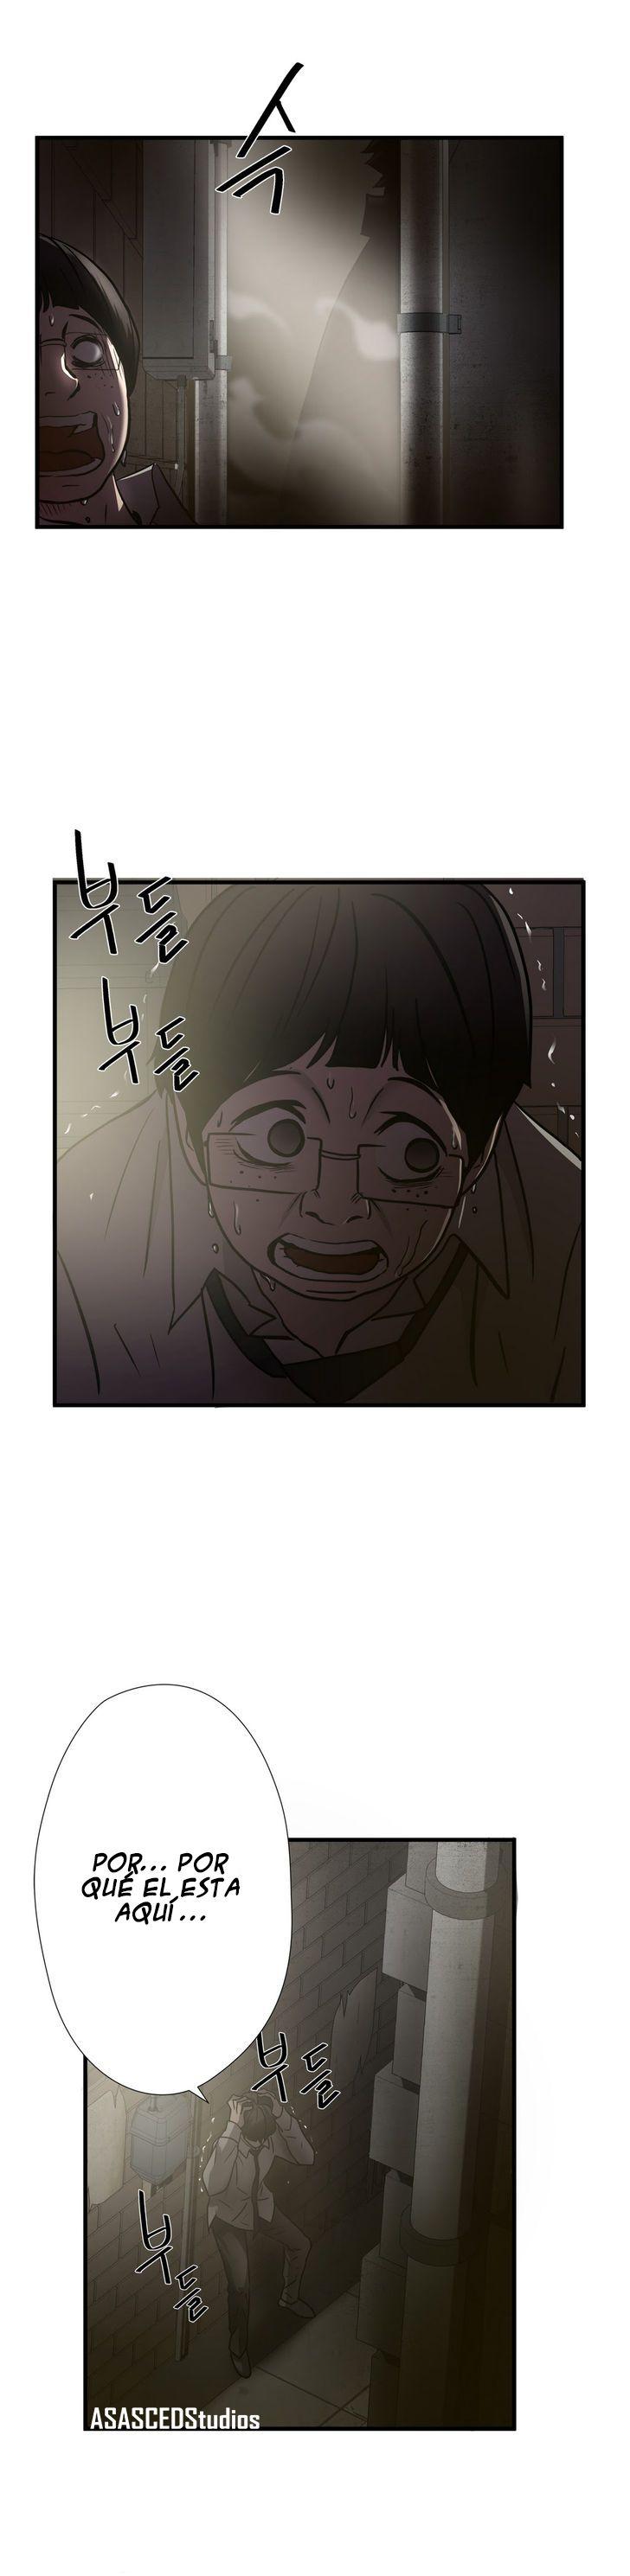 https://c5.ninemanga.com/es_manga/pic2/58/19386/503865/fd8af85ad6e56e552887966db5ce2c76.jpg Page 5